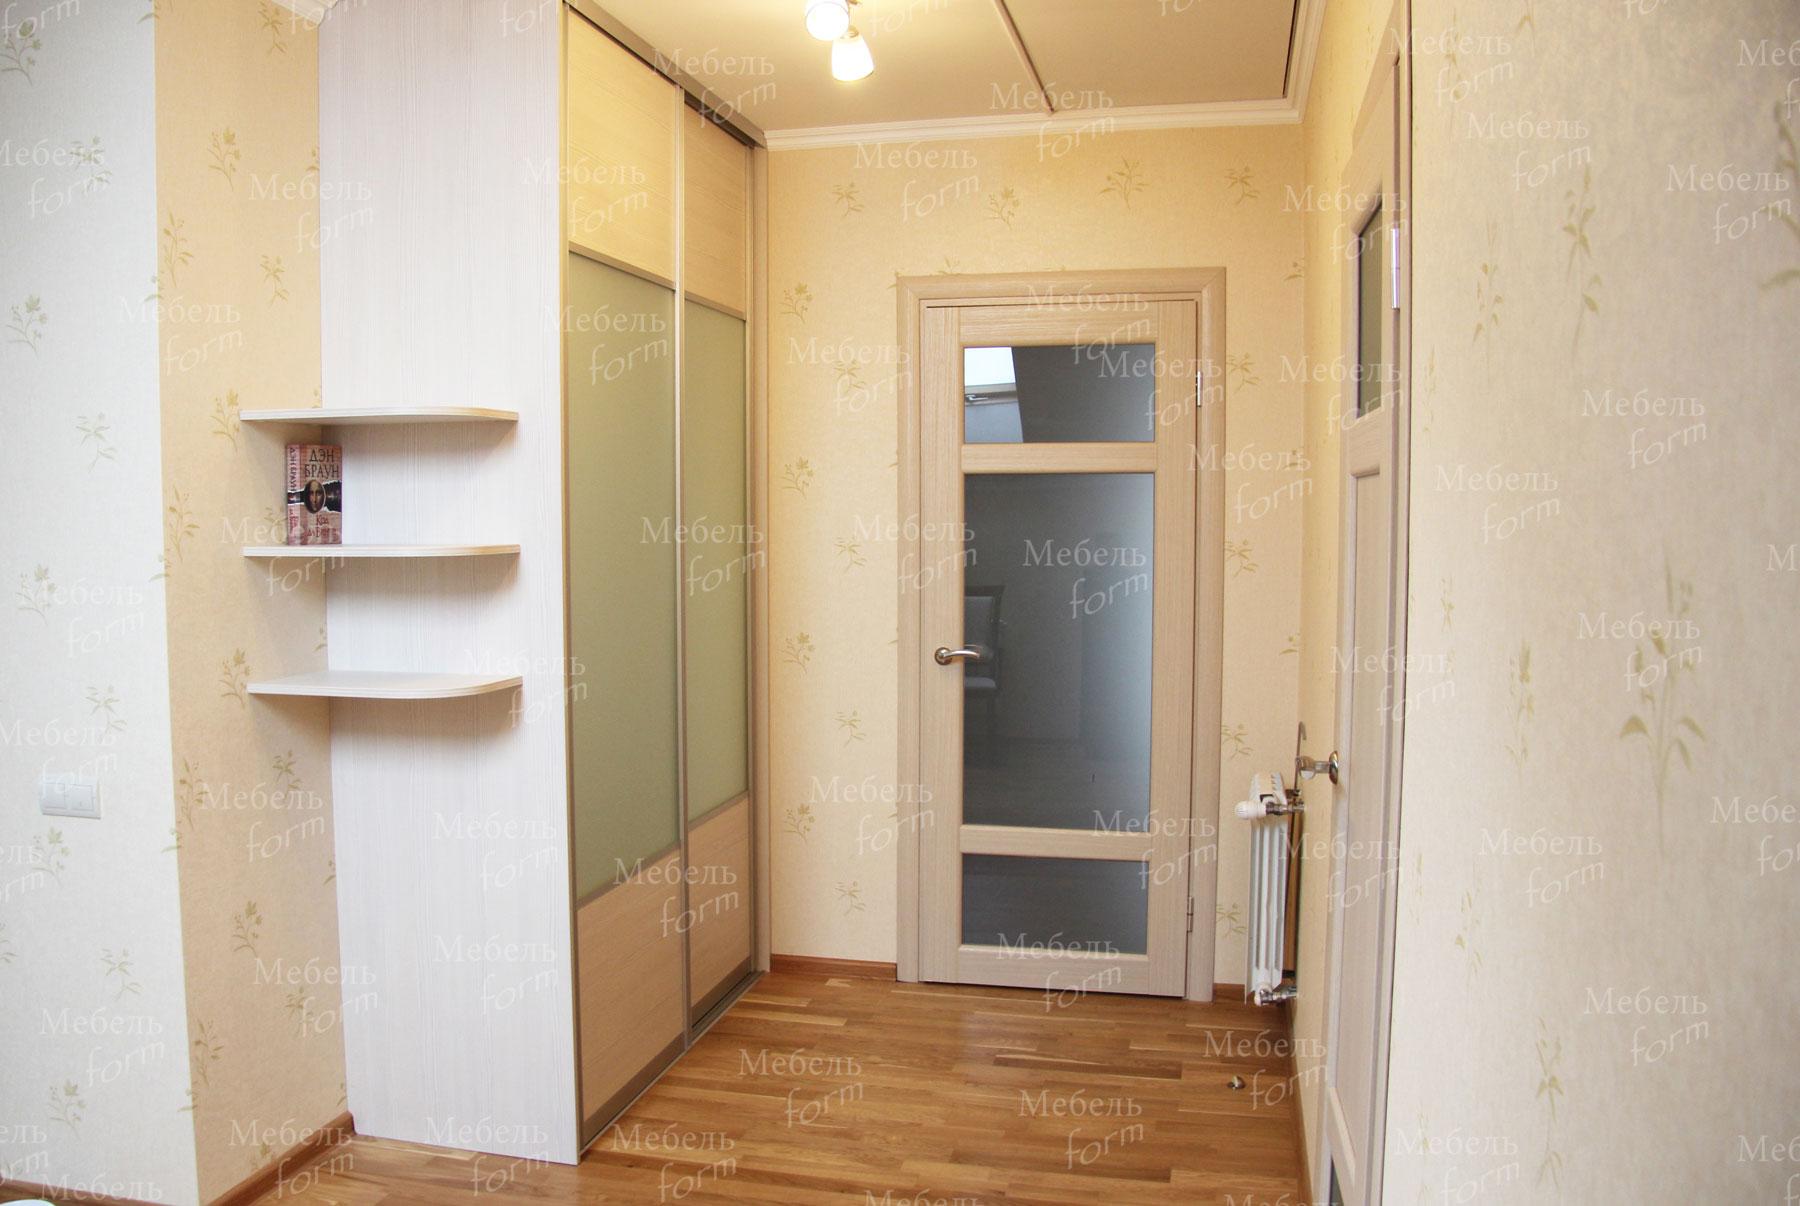 Шкаф-купе вудлайн кремовый и сатинированное стекло шкафы куп.